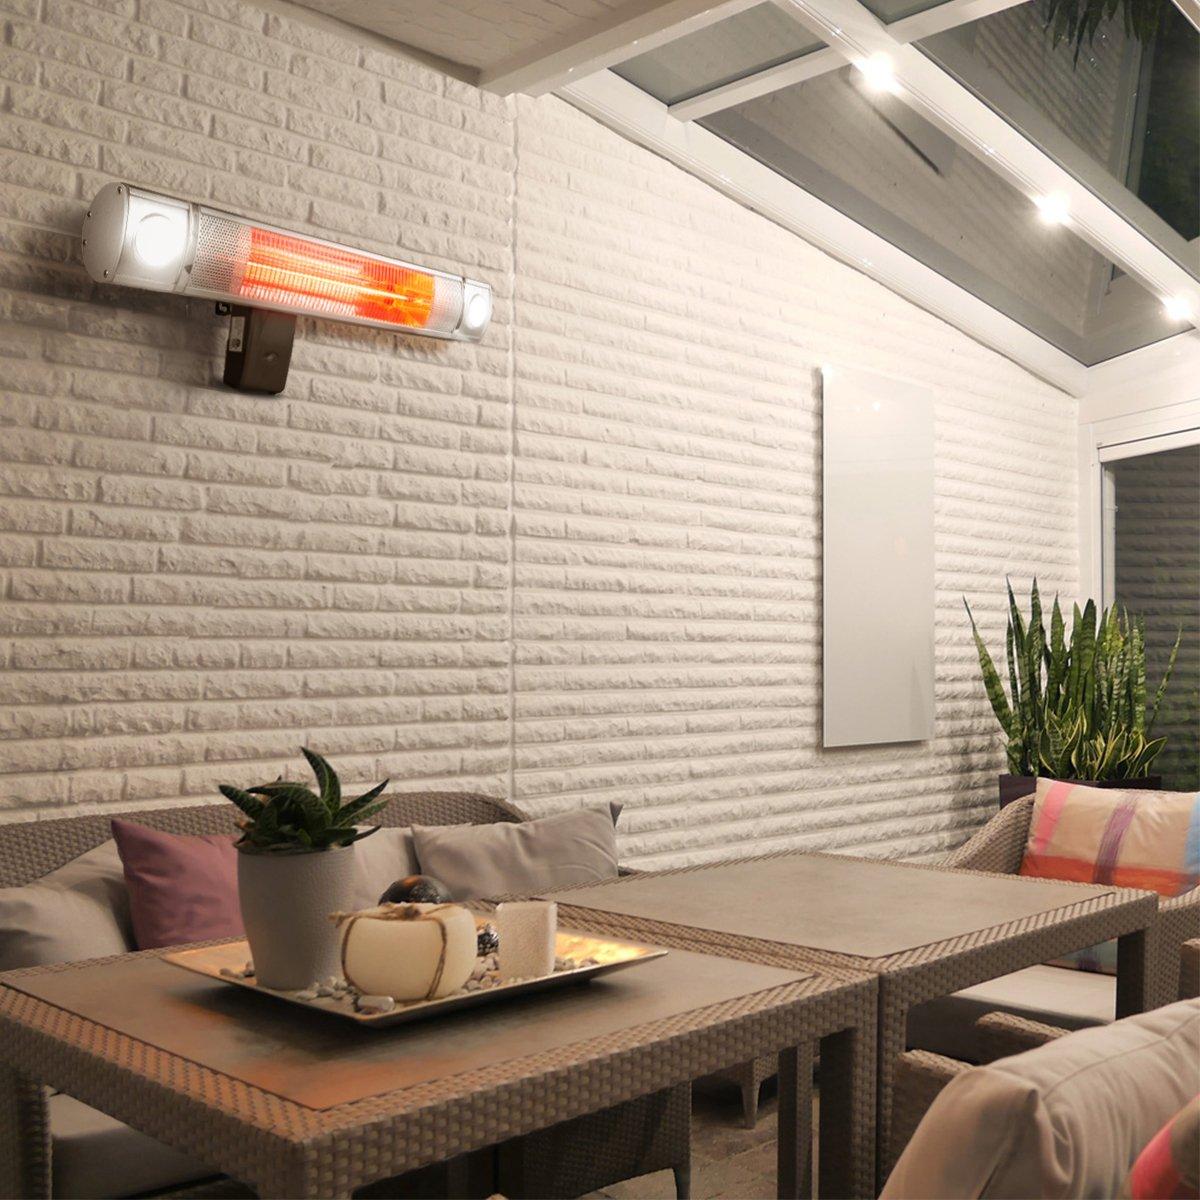 """XtremepowerUS Wall-mounted Infrared 1500 Watt Heater, 28"""""""